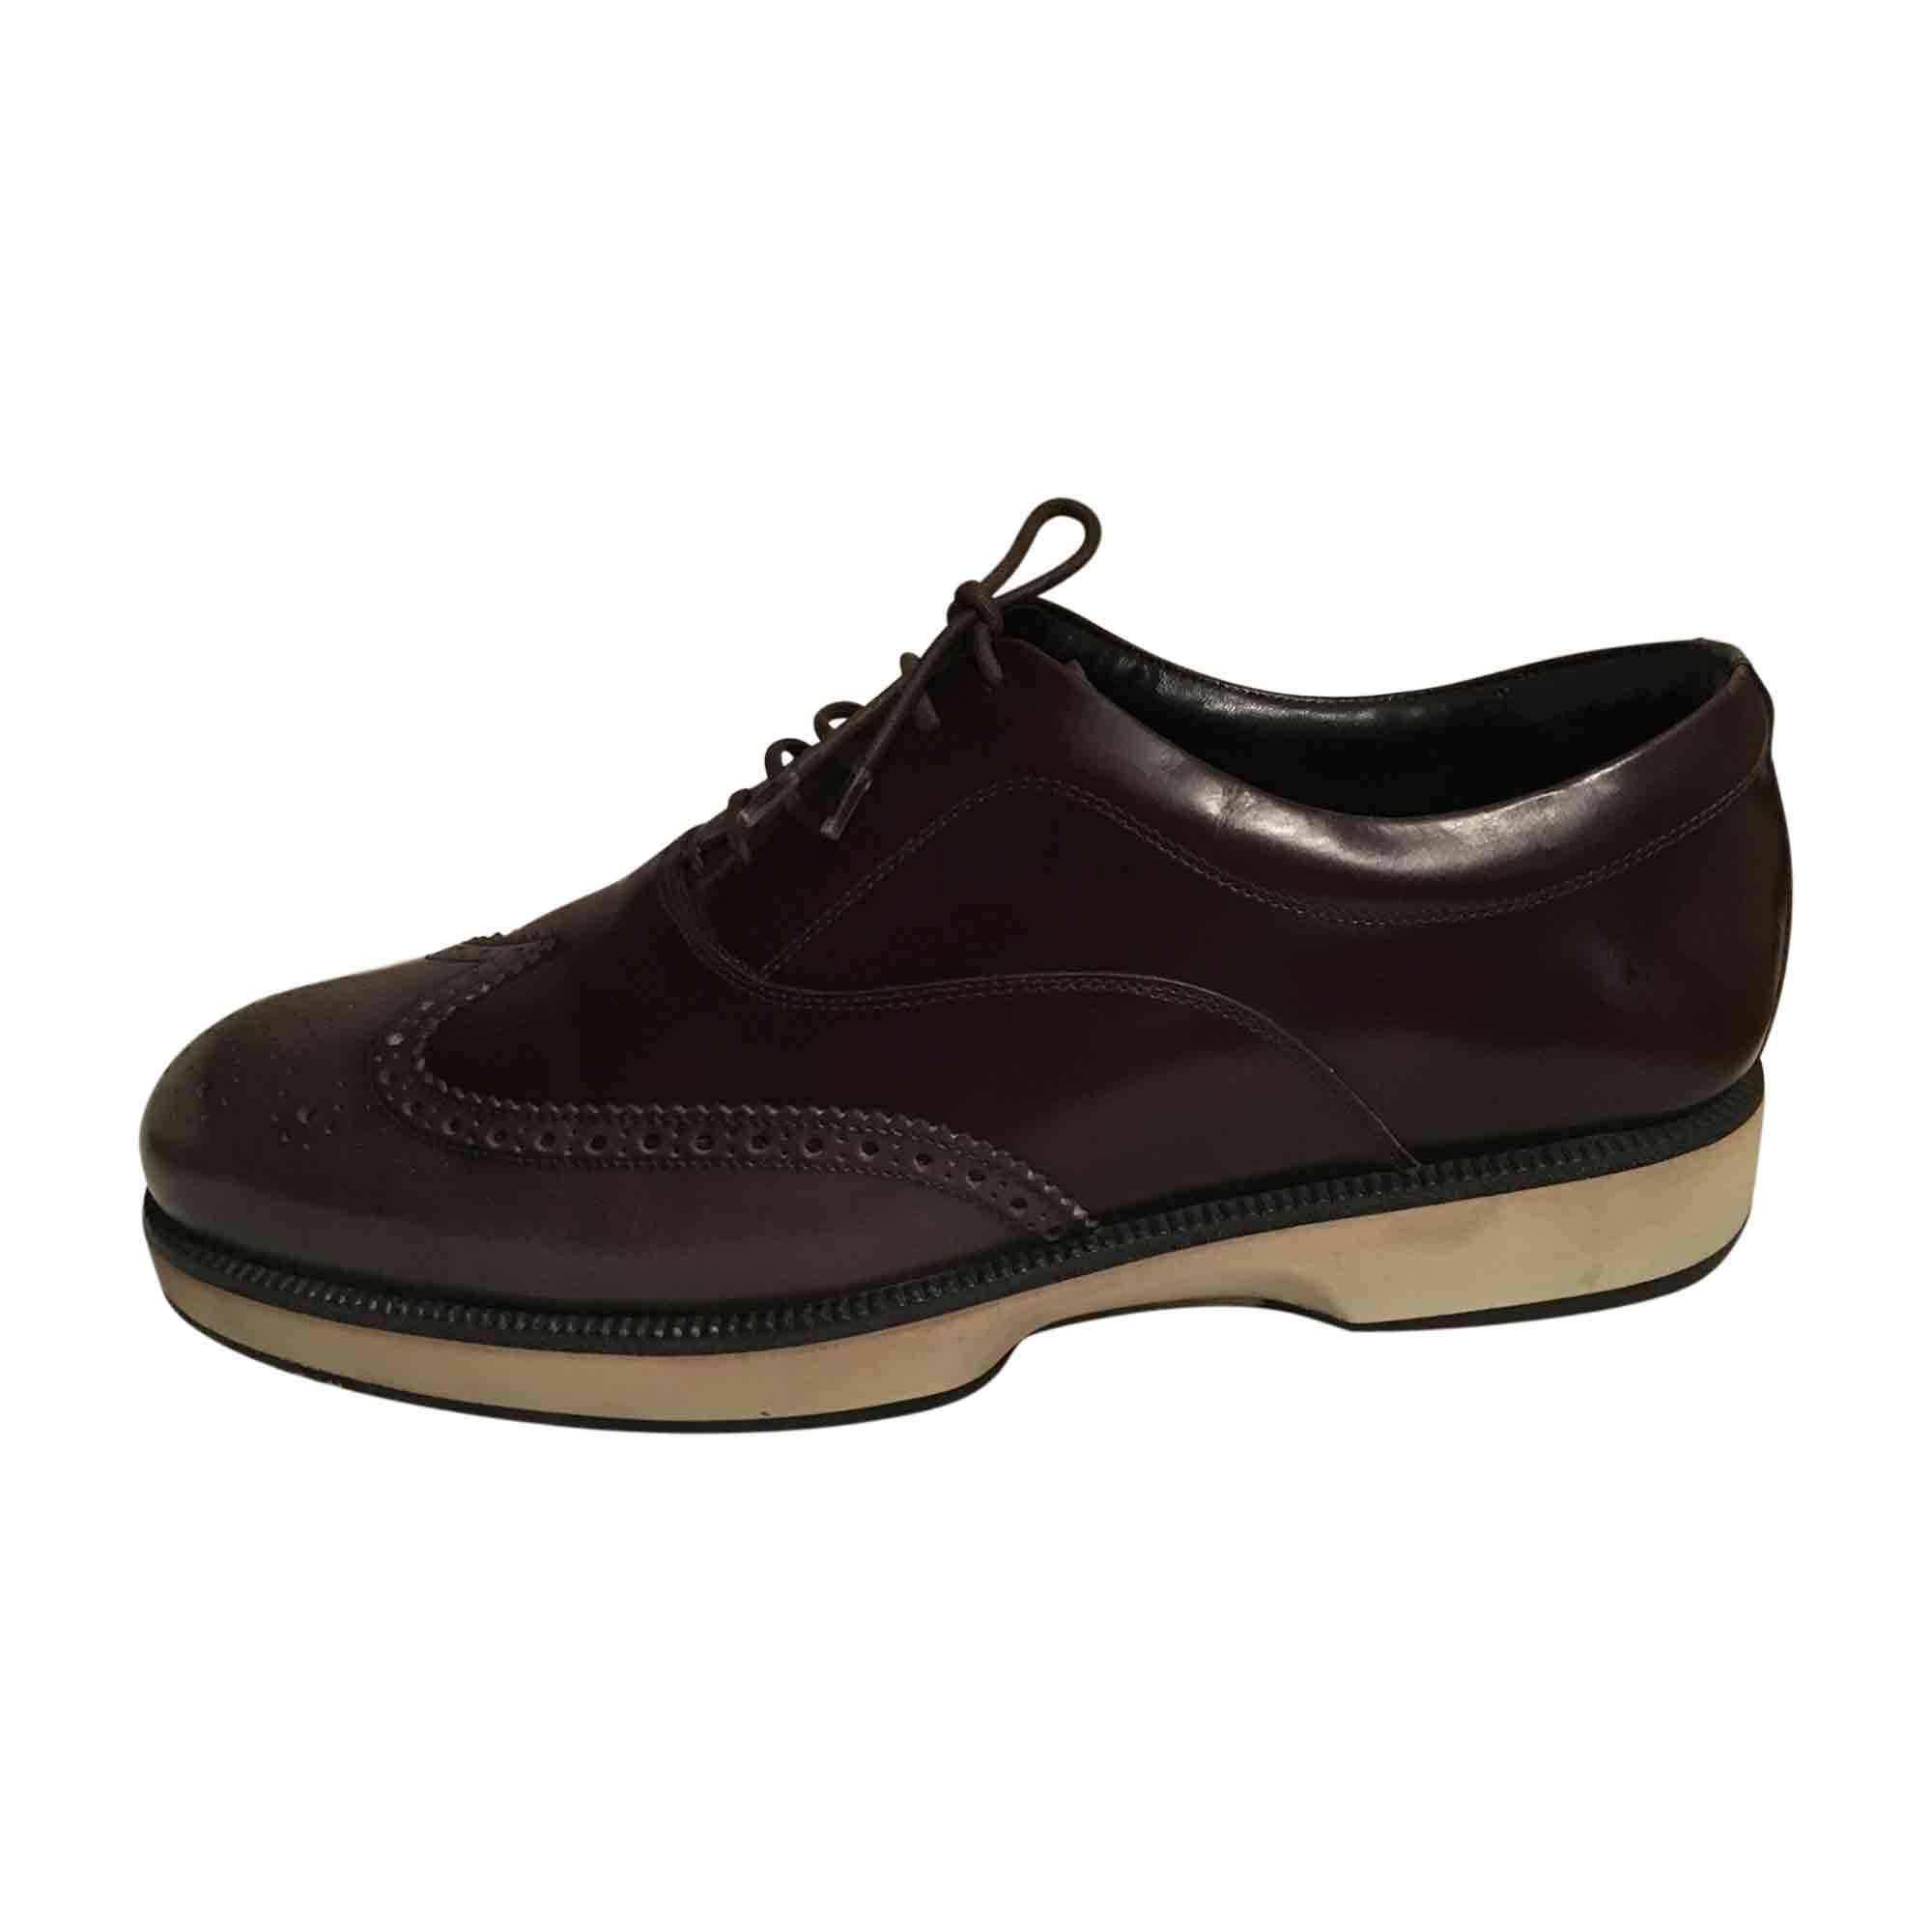 Chaussures à lacets SALVATORE FERRAGAMO Marron